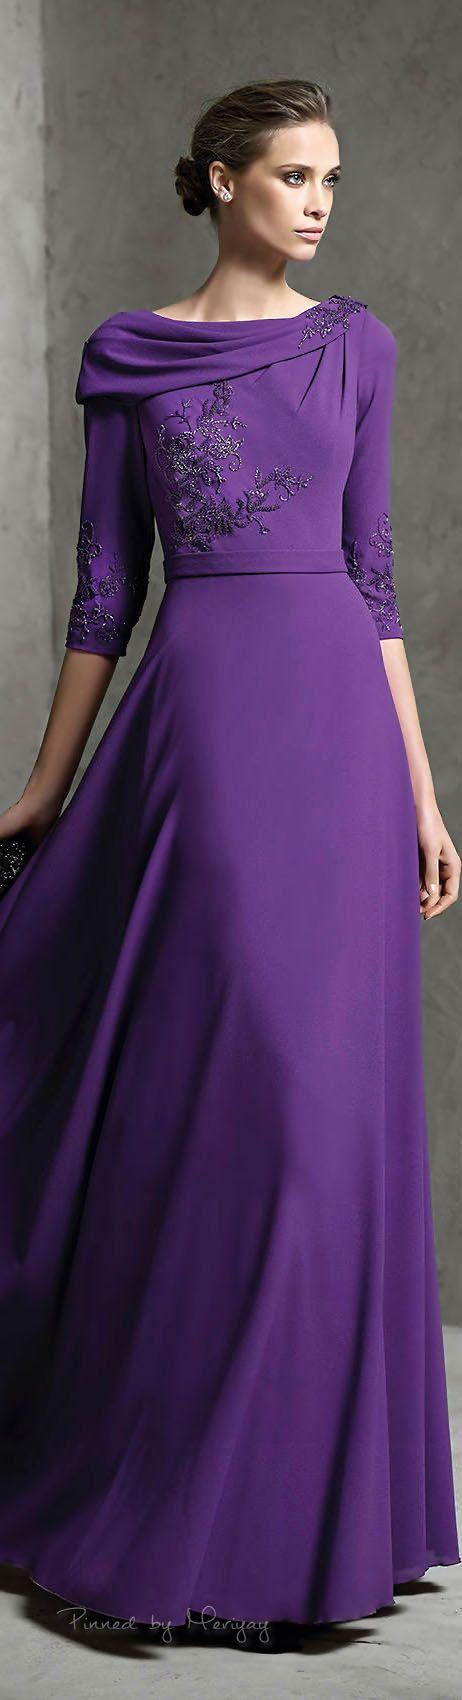 Lujoso Vestido De Cóctel Nicole Miller Motivo - Ideas para el ...